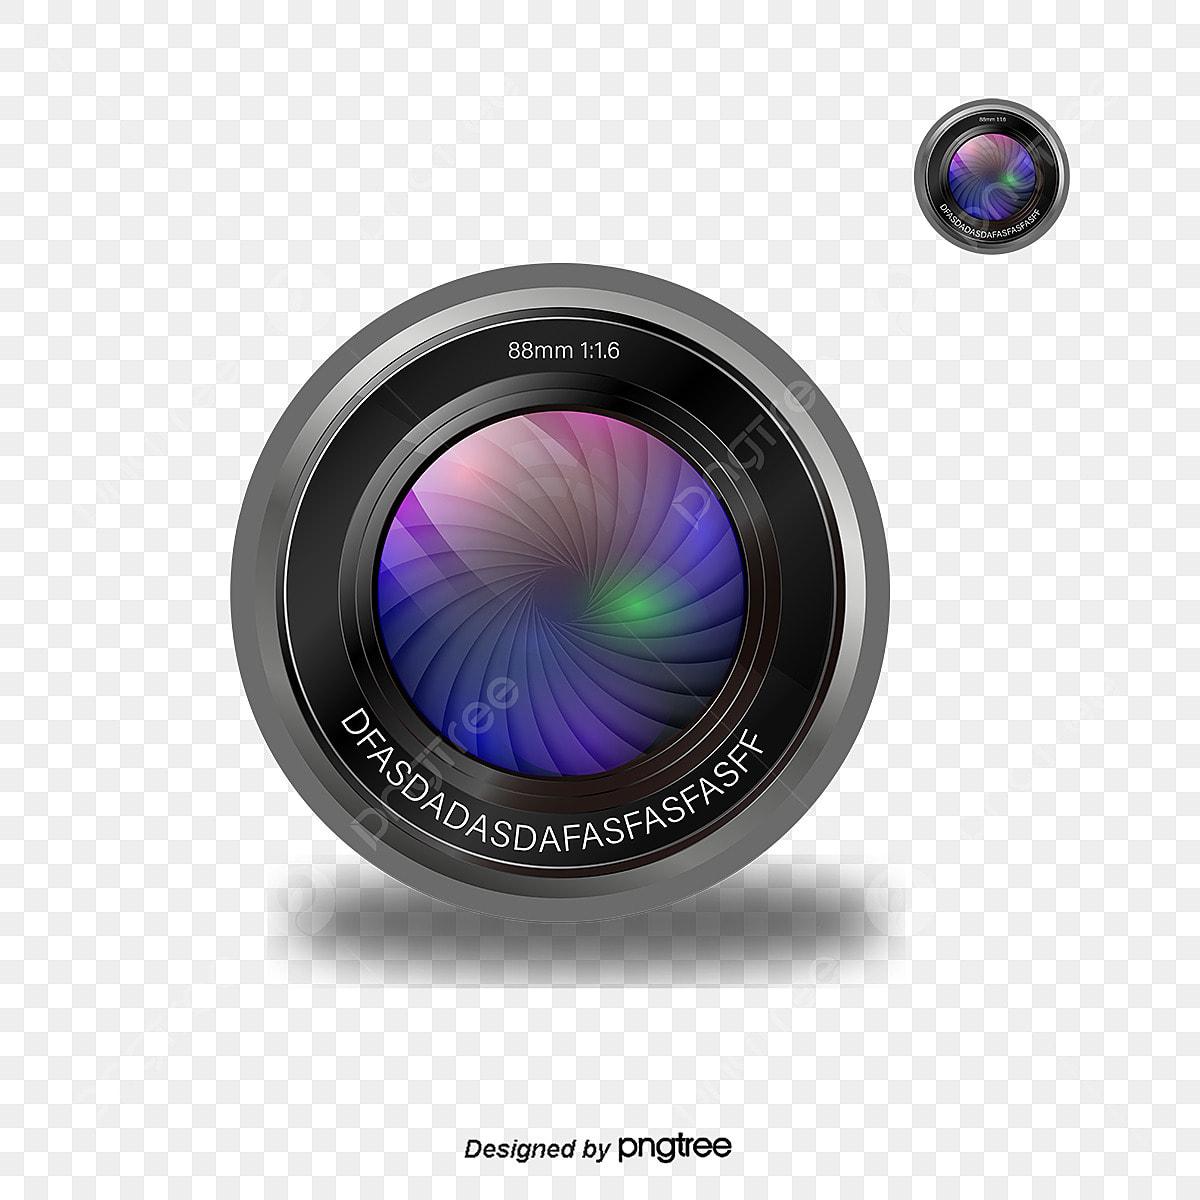 908e557dc Vector De Lente Da Câmera A Câmera A Lente A Abertura Arquivo PNG e ...